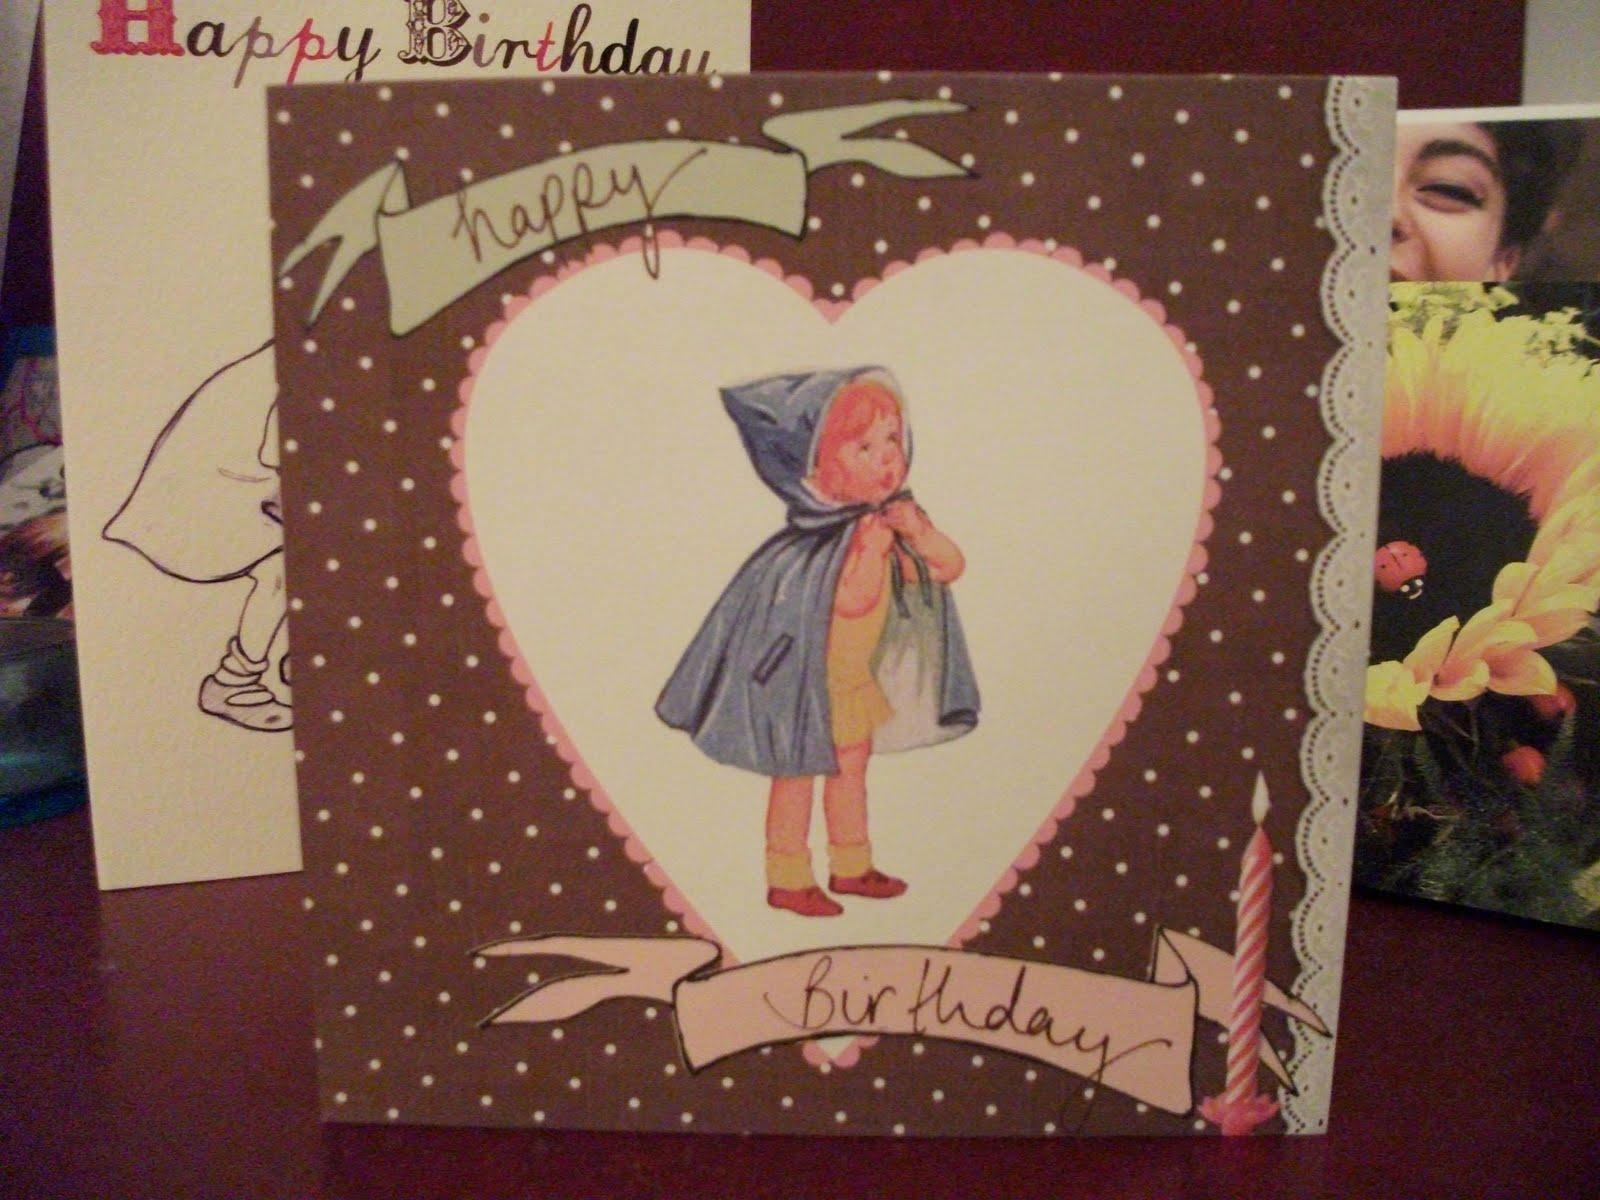 Gallerphot lustige geburtstagskarten zum ausdrucken kostenlos - Geburtstagskarten kostenlos versenden ...